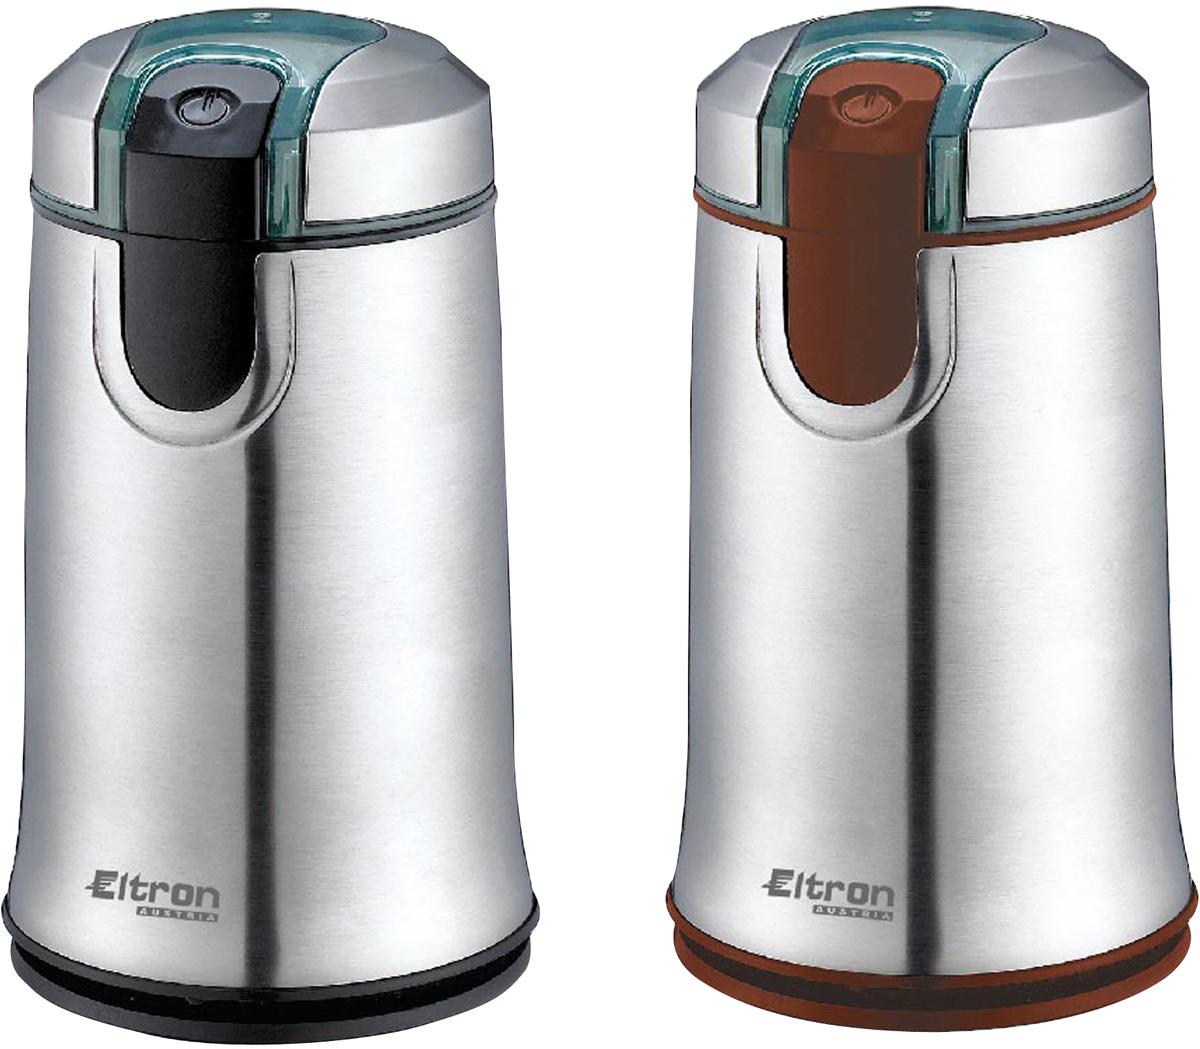 Eltron EL-2016б Silver кофемолка